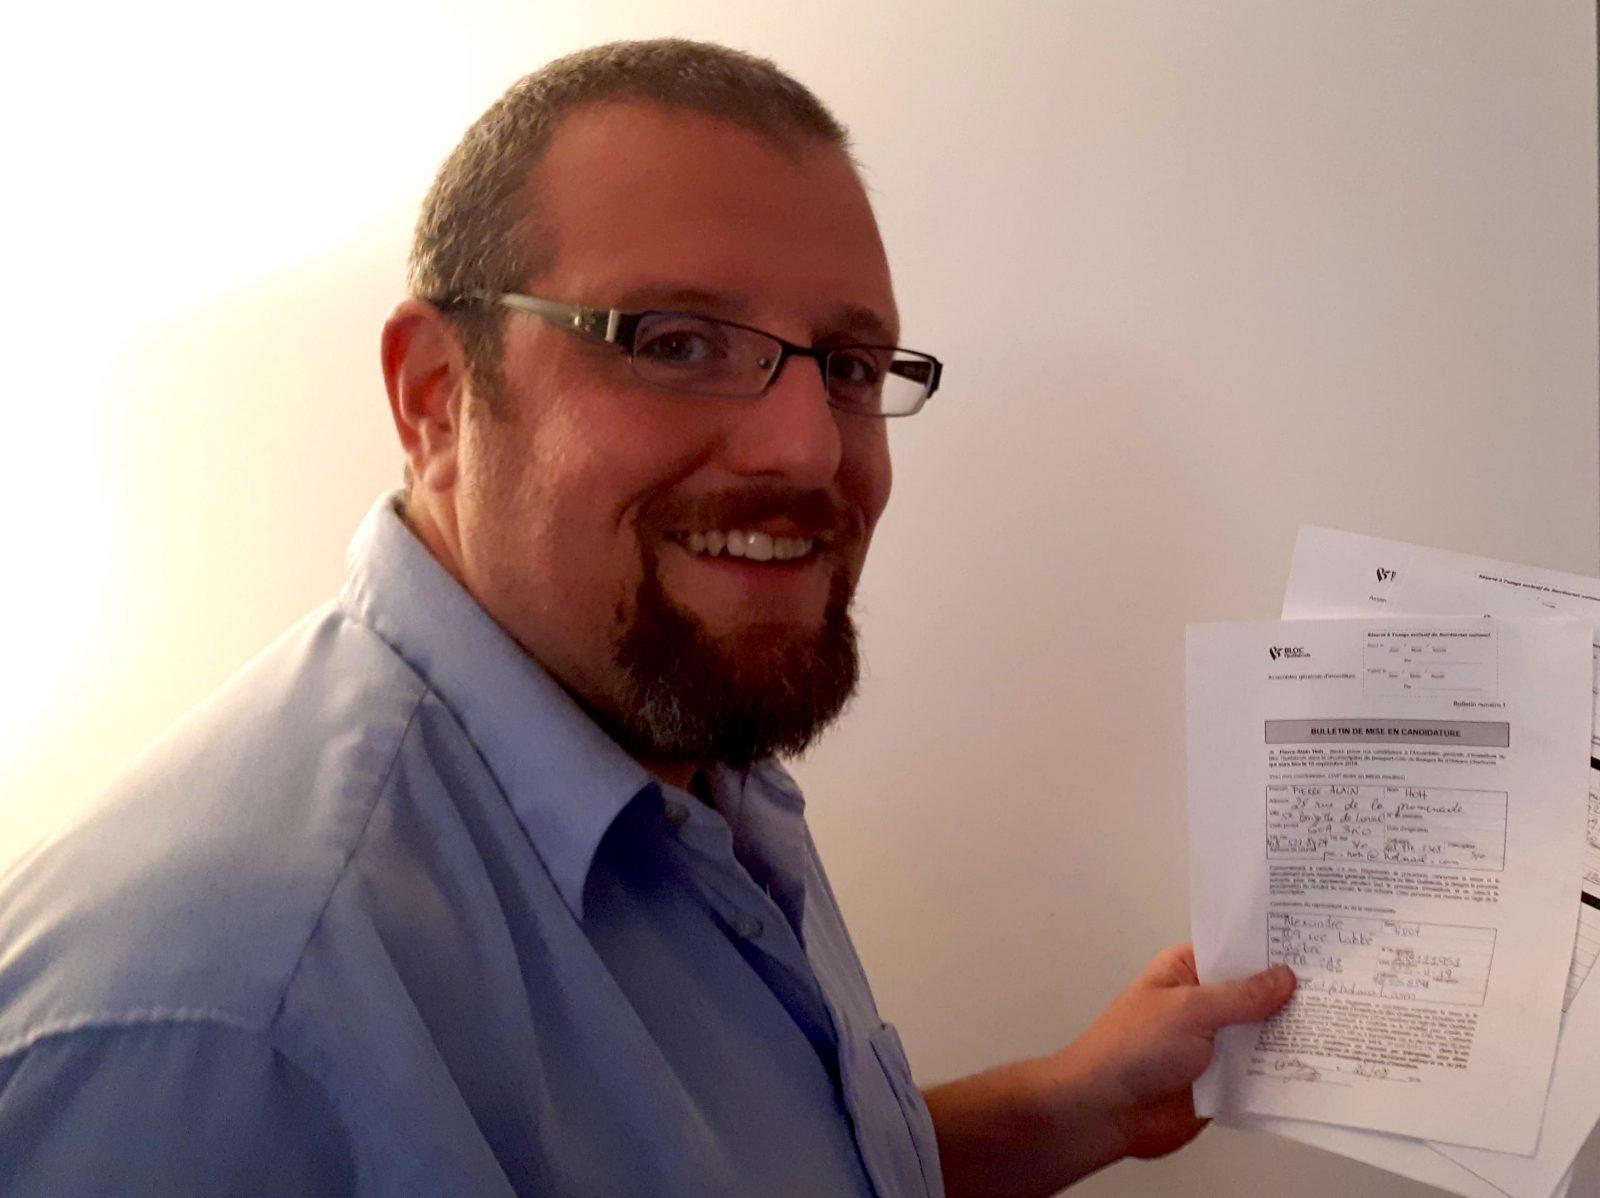 Candidature officialisée pour Pierre-Alain Hoh